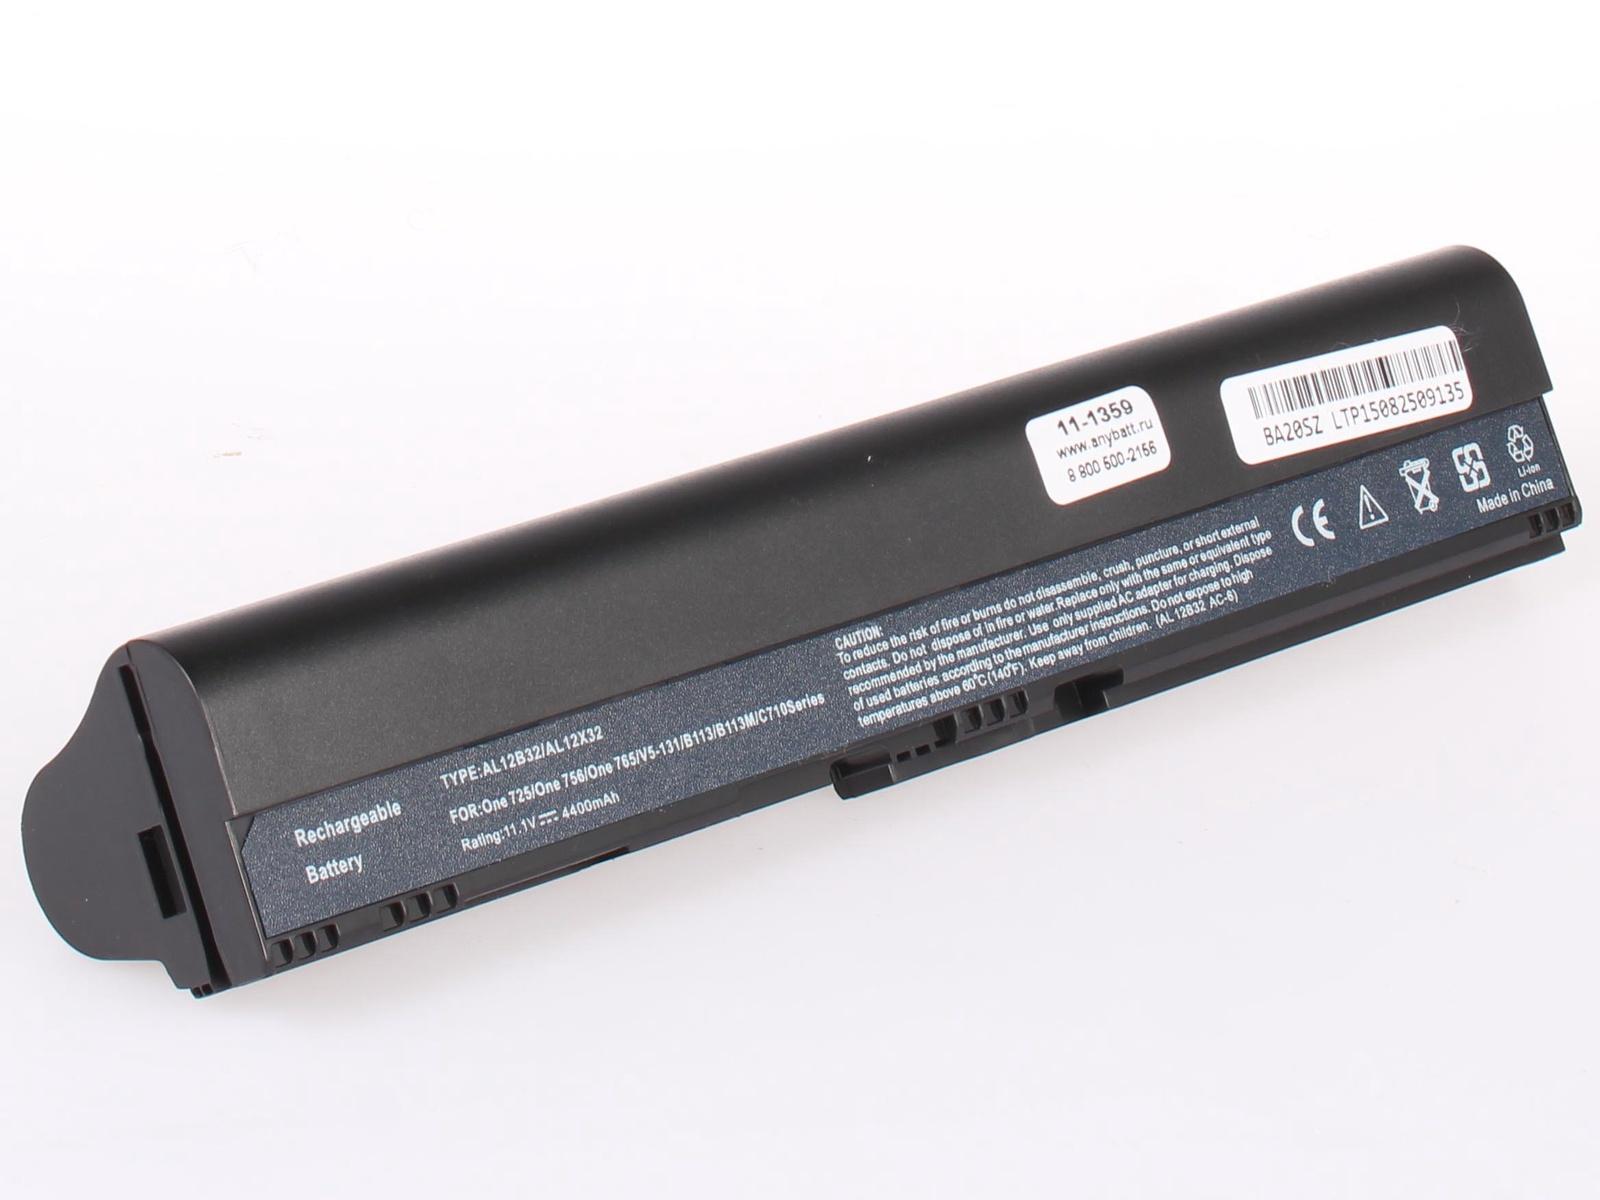 цена на Аккумулятор для ноутбука AnyBatt для Acer Aspire V5-471PG-53334G50Mass, Aspire One 756-887B1rr, Aspire One AO756-877B1kk, Aspire One AO756-887B1rr, Aspire One 756-887BSss, Aspire One AO725-C61BB, Aspire V5-123-12102G32nkk